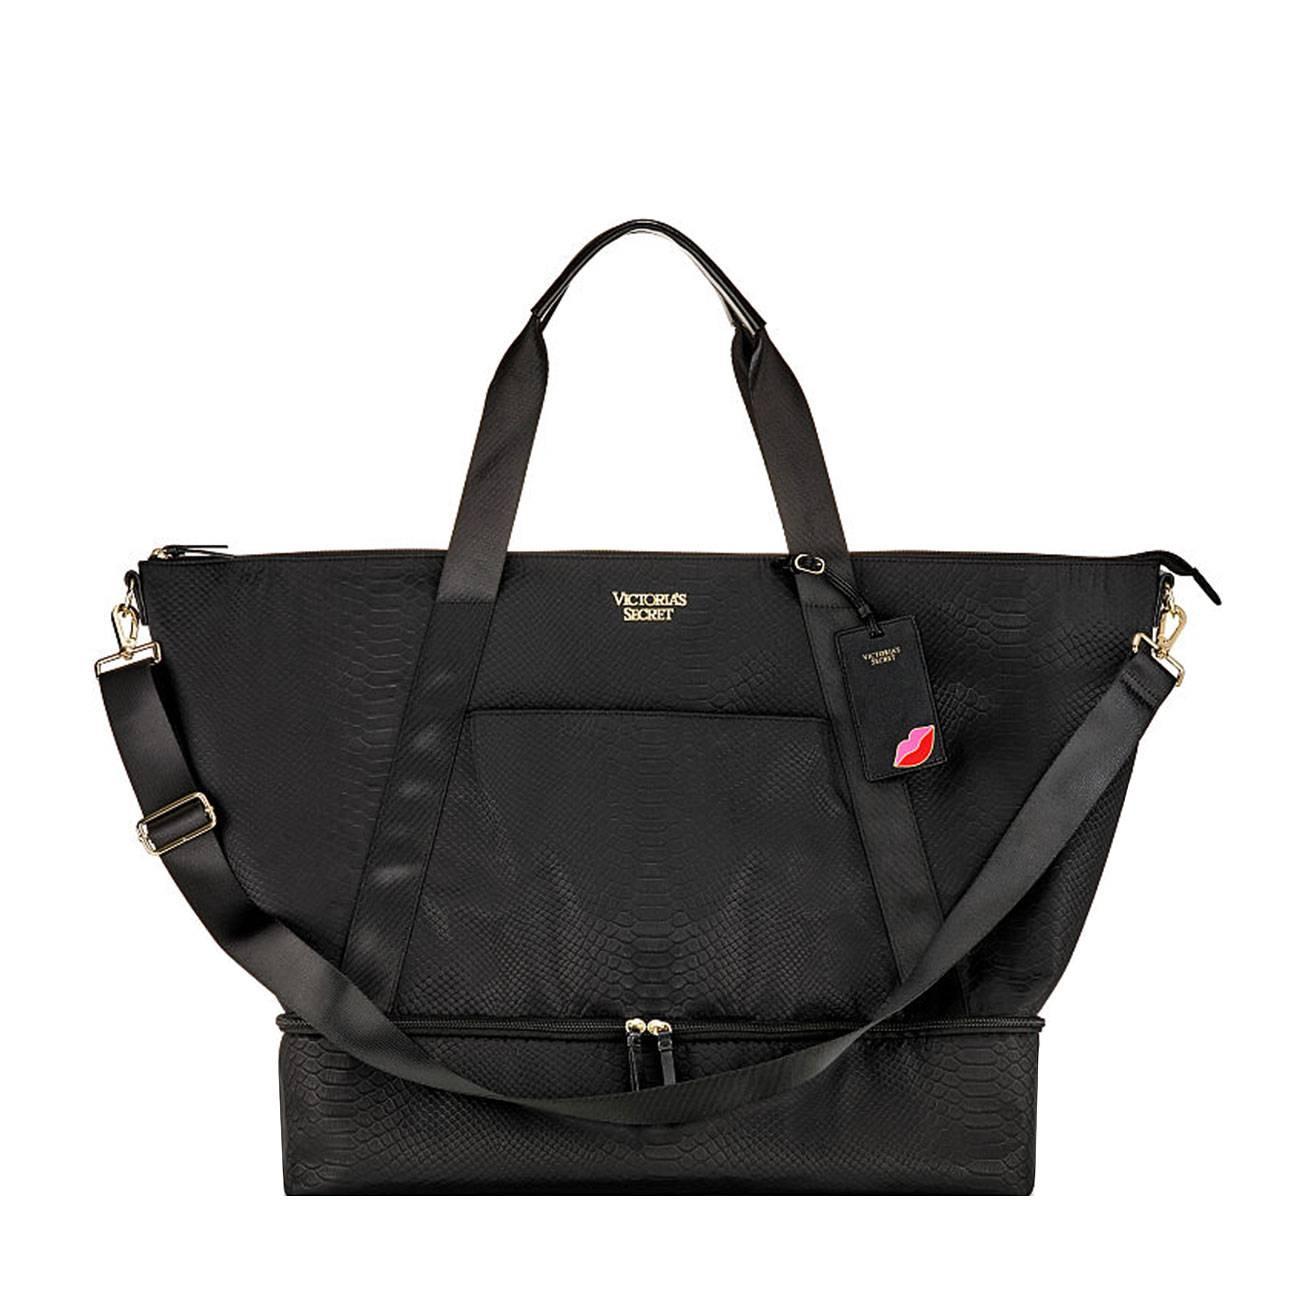 Tote Bag imagine